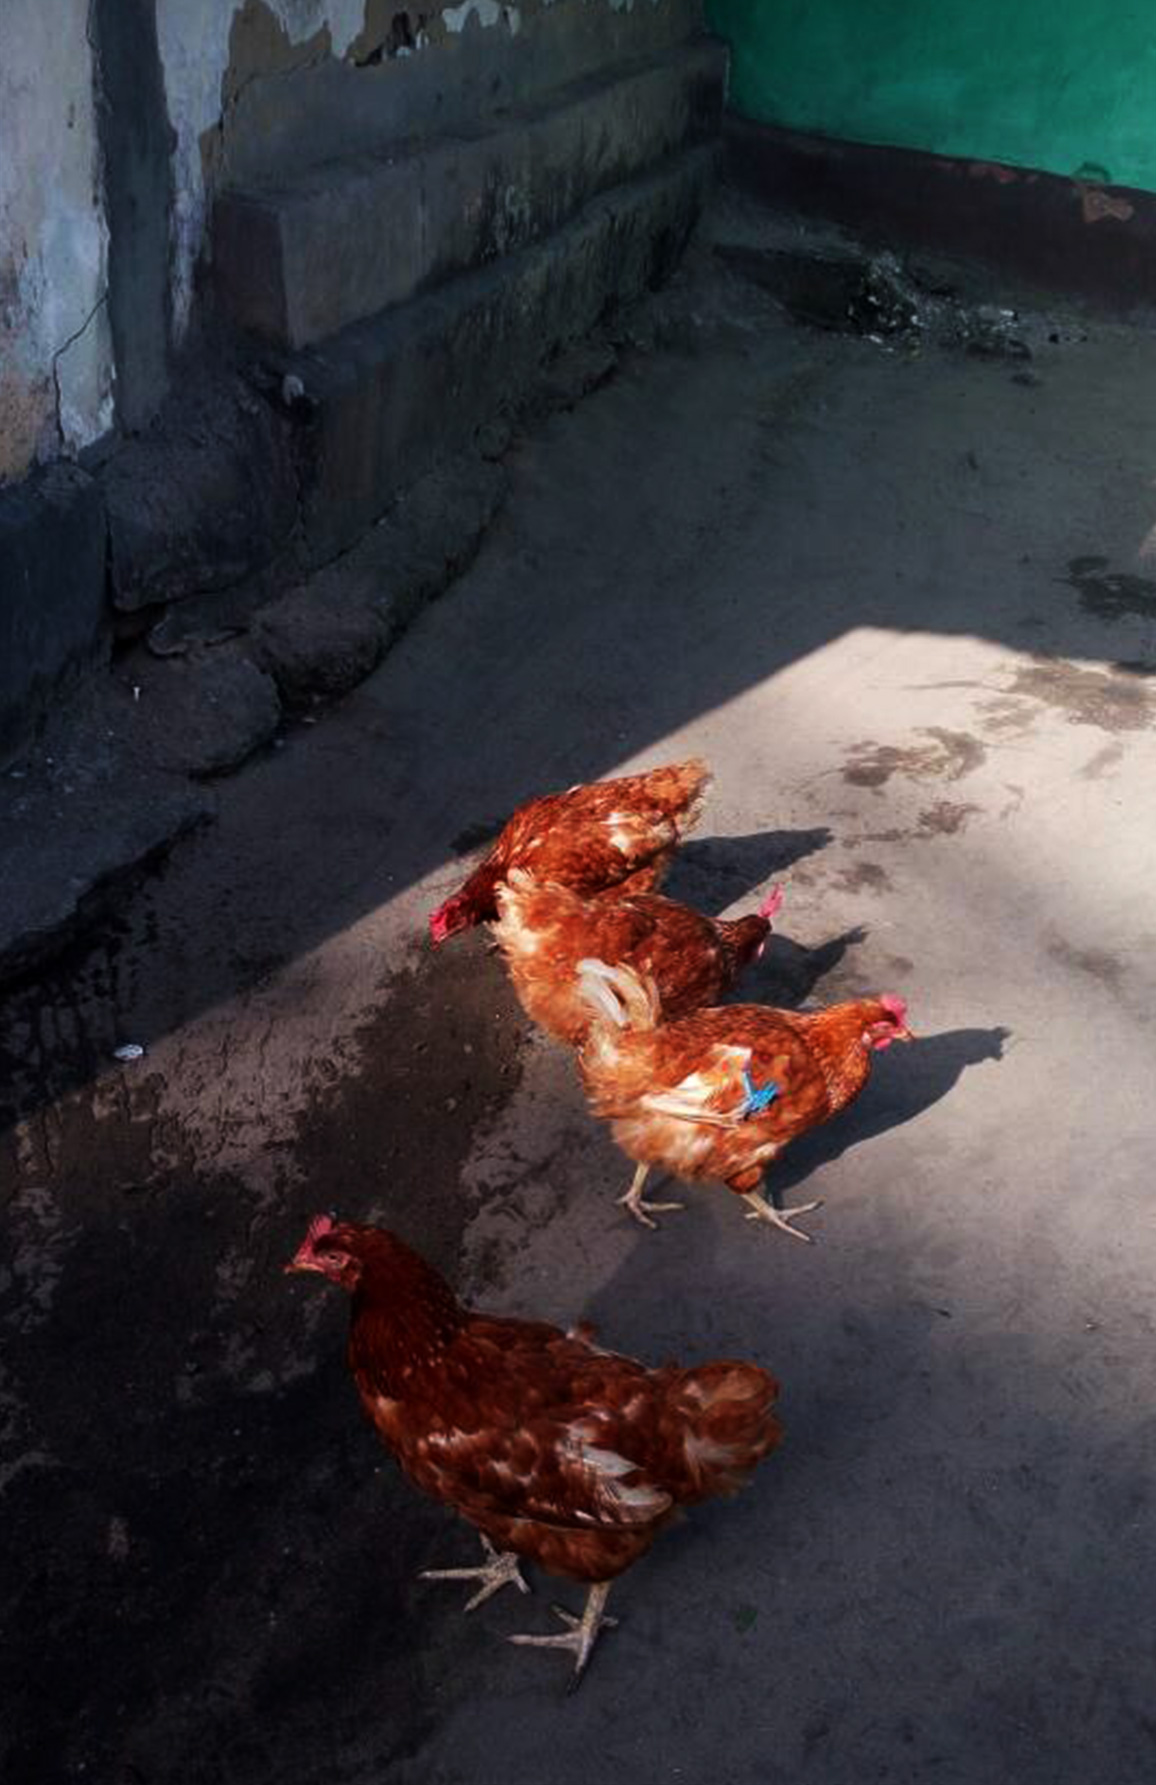 Hühner für Bonthe. Unterstützt von den Hornbacher Betrieben. - Seit April 2016 hat unser Ausbilder für Agrarwirtschaft, Mr. Augustine Ashun, interessierte Familien auf die Haltung und Zucht von Hühnern vorbereitet. Die Ausbildungswerkstatt Tischlerei hat gemeinsam mit den Menschen in Bonthe Hühnerställe gebaut. Seit September erhielten mehr als dreißig Familien Hühner.Mr. Ashun wird mit seinen Auszubildenden auf dem Gelände des Bonthe Youth Resource Centers Mais zur Fütterung der Hühner anbauen. Gemischt mit Muschelschalen zur Kalziumversorgung und Fisch kann auf diese Weise hochwertiges Hühnerfutter produziert werden. In diesem Fall ist die Insellage von Bonthe endlich einmal ein Vorteil. Der Bevölkerung soll veranschaulicht werden, dass die Nutzung vorhandener Resourcen den oftmals recht kostspieligen Kauf von Futtermitteln ersetzen kann.